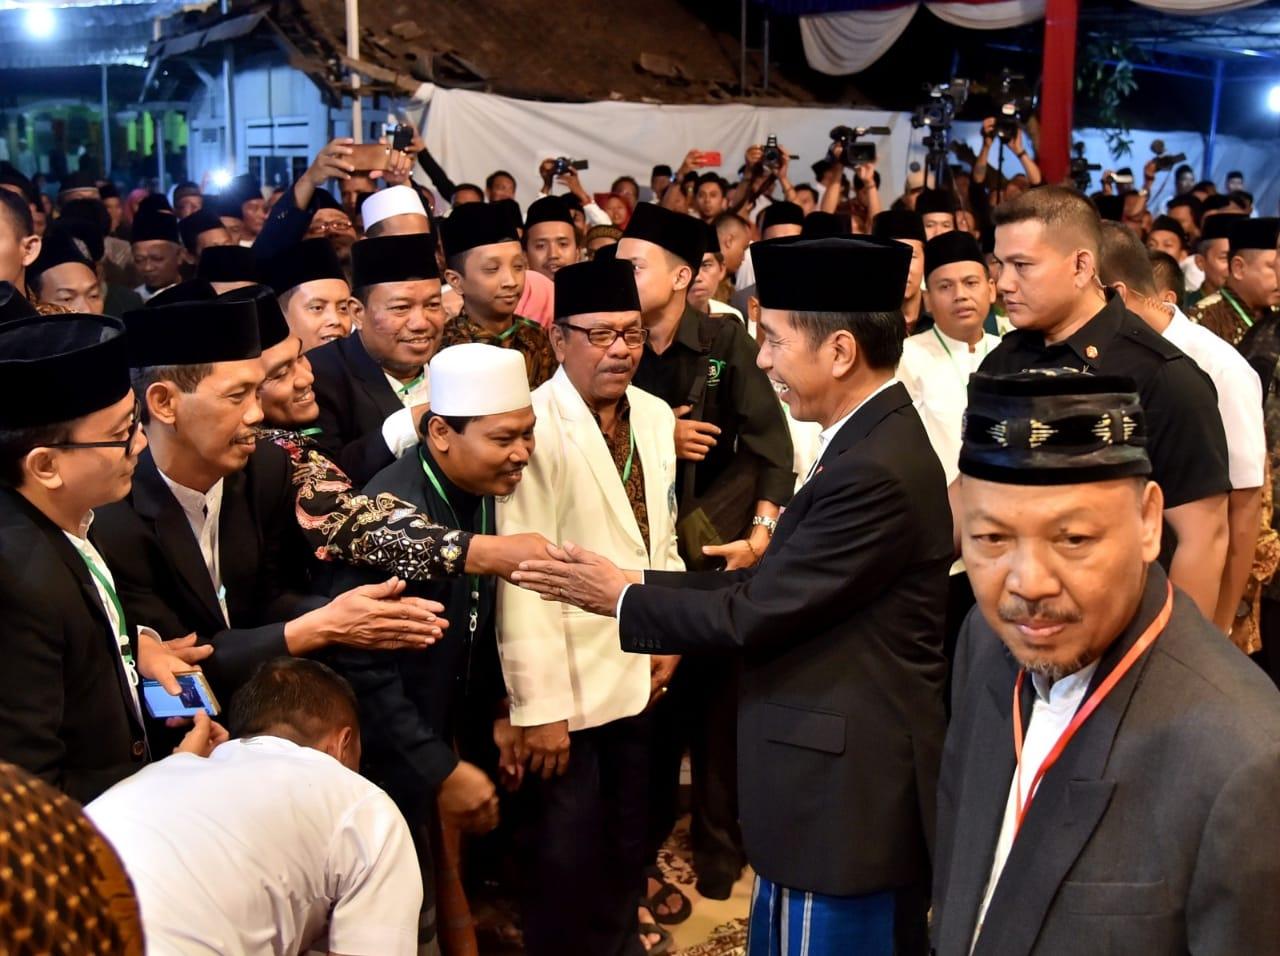 Presiden Joko Widodo menghadiri acara Haflah Khataman Alquran dan Haul Al-Maghfurlah K.H. Ahmad Jisam Abdul Manan di Pondok Pesantren An-Najah Gondang, Gondangtani, Kecamatan Gondang, Kabupaten Sragen, Sabtu malam, (14/7) 2018.